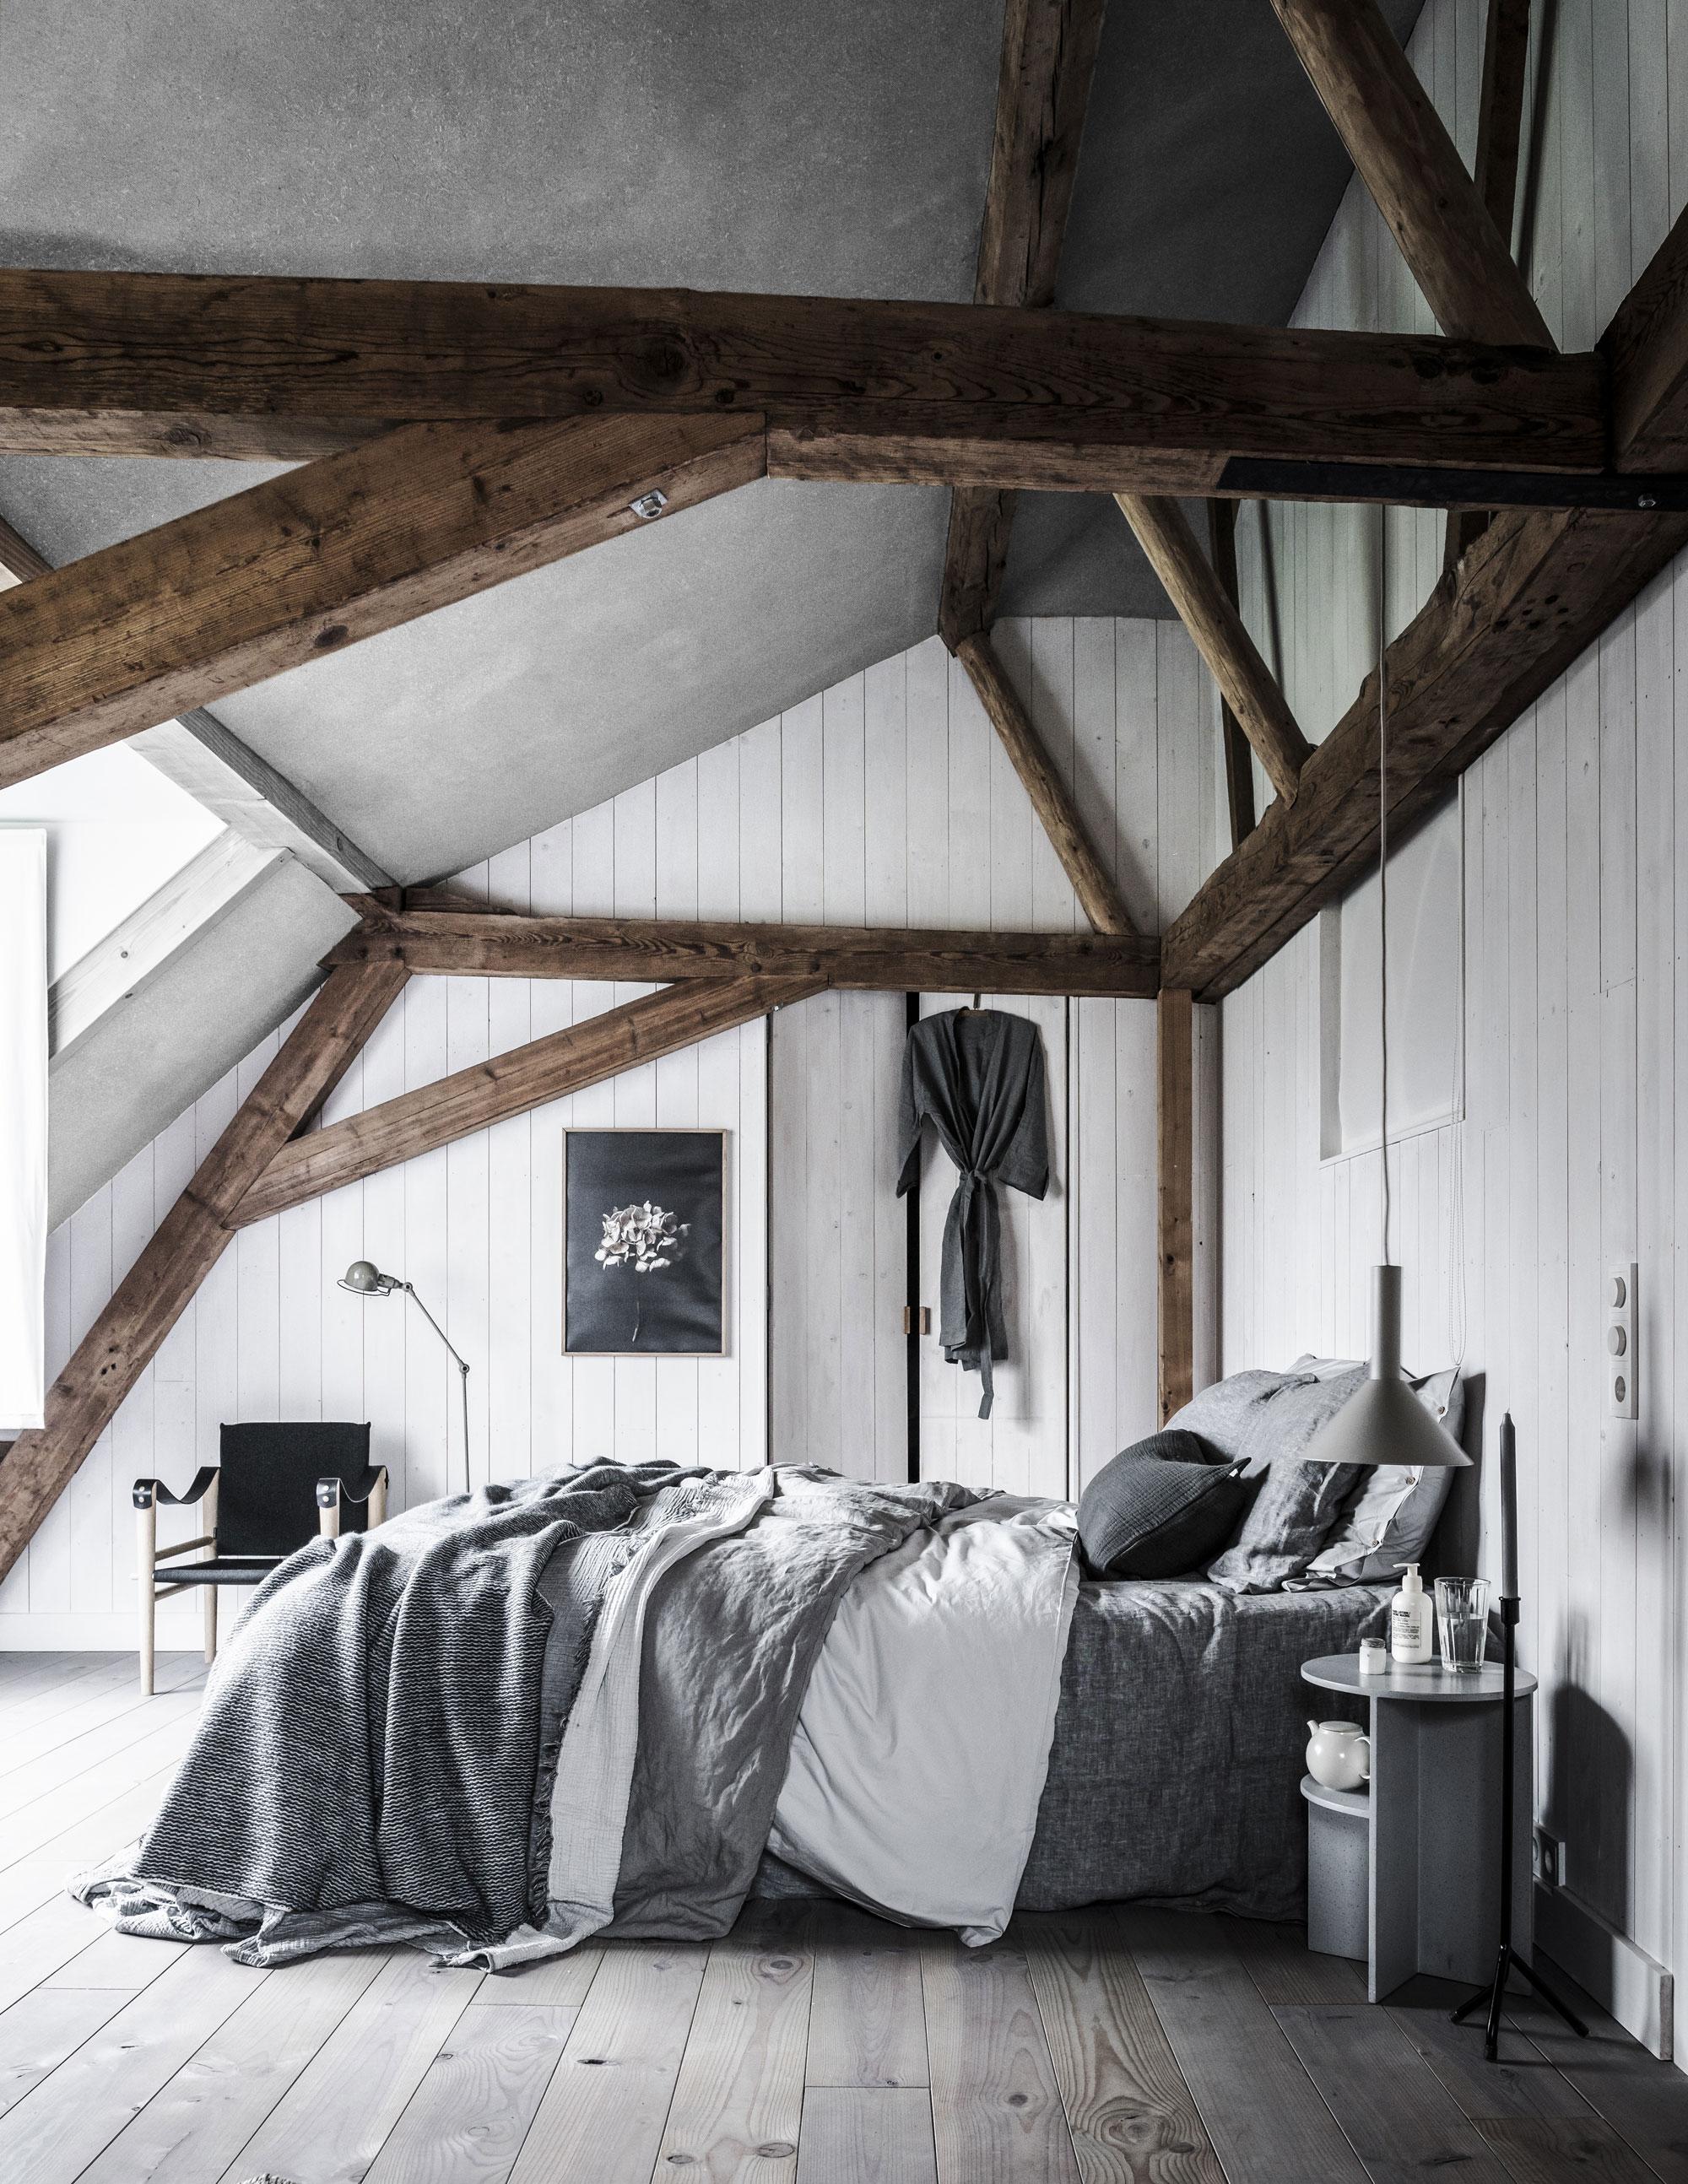 Een grijze slaapkamer met een bed met lakens in verschillende tinten grijs op zolder met houten balken